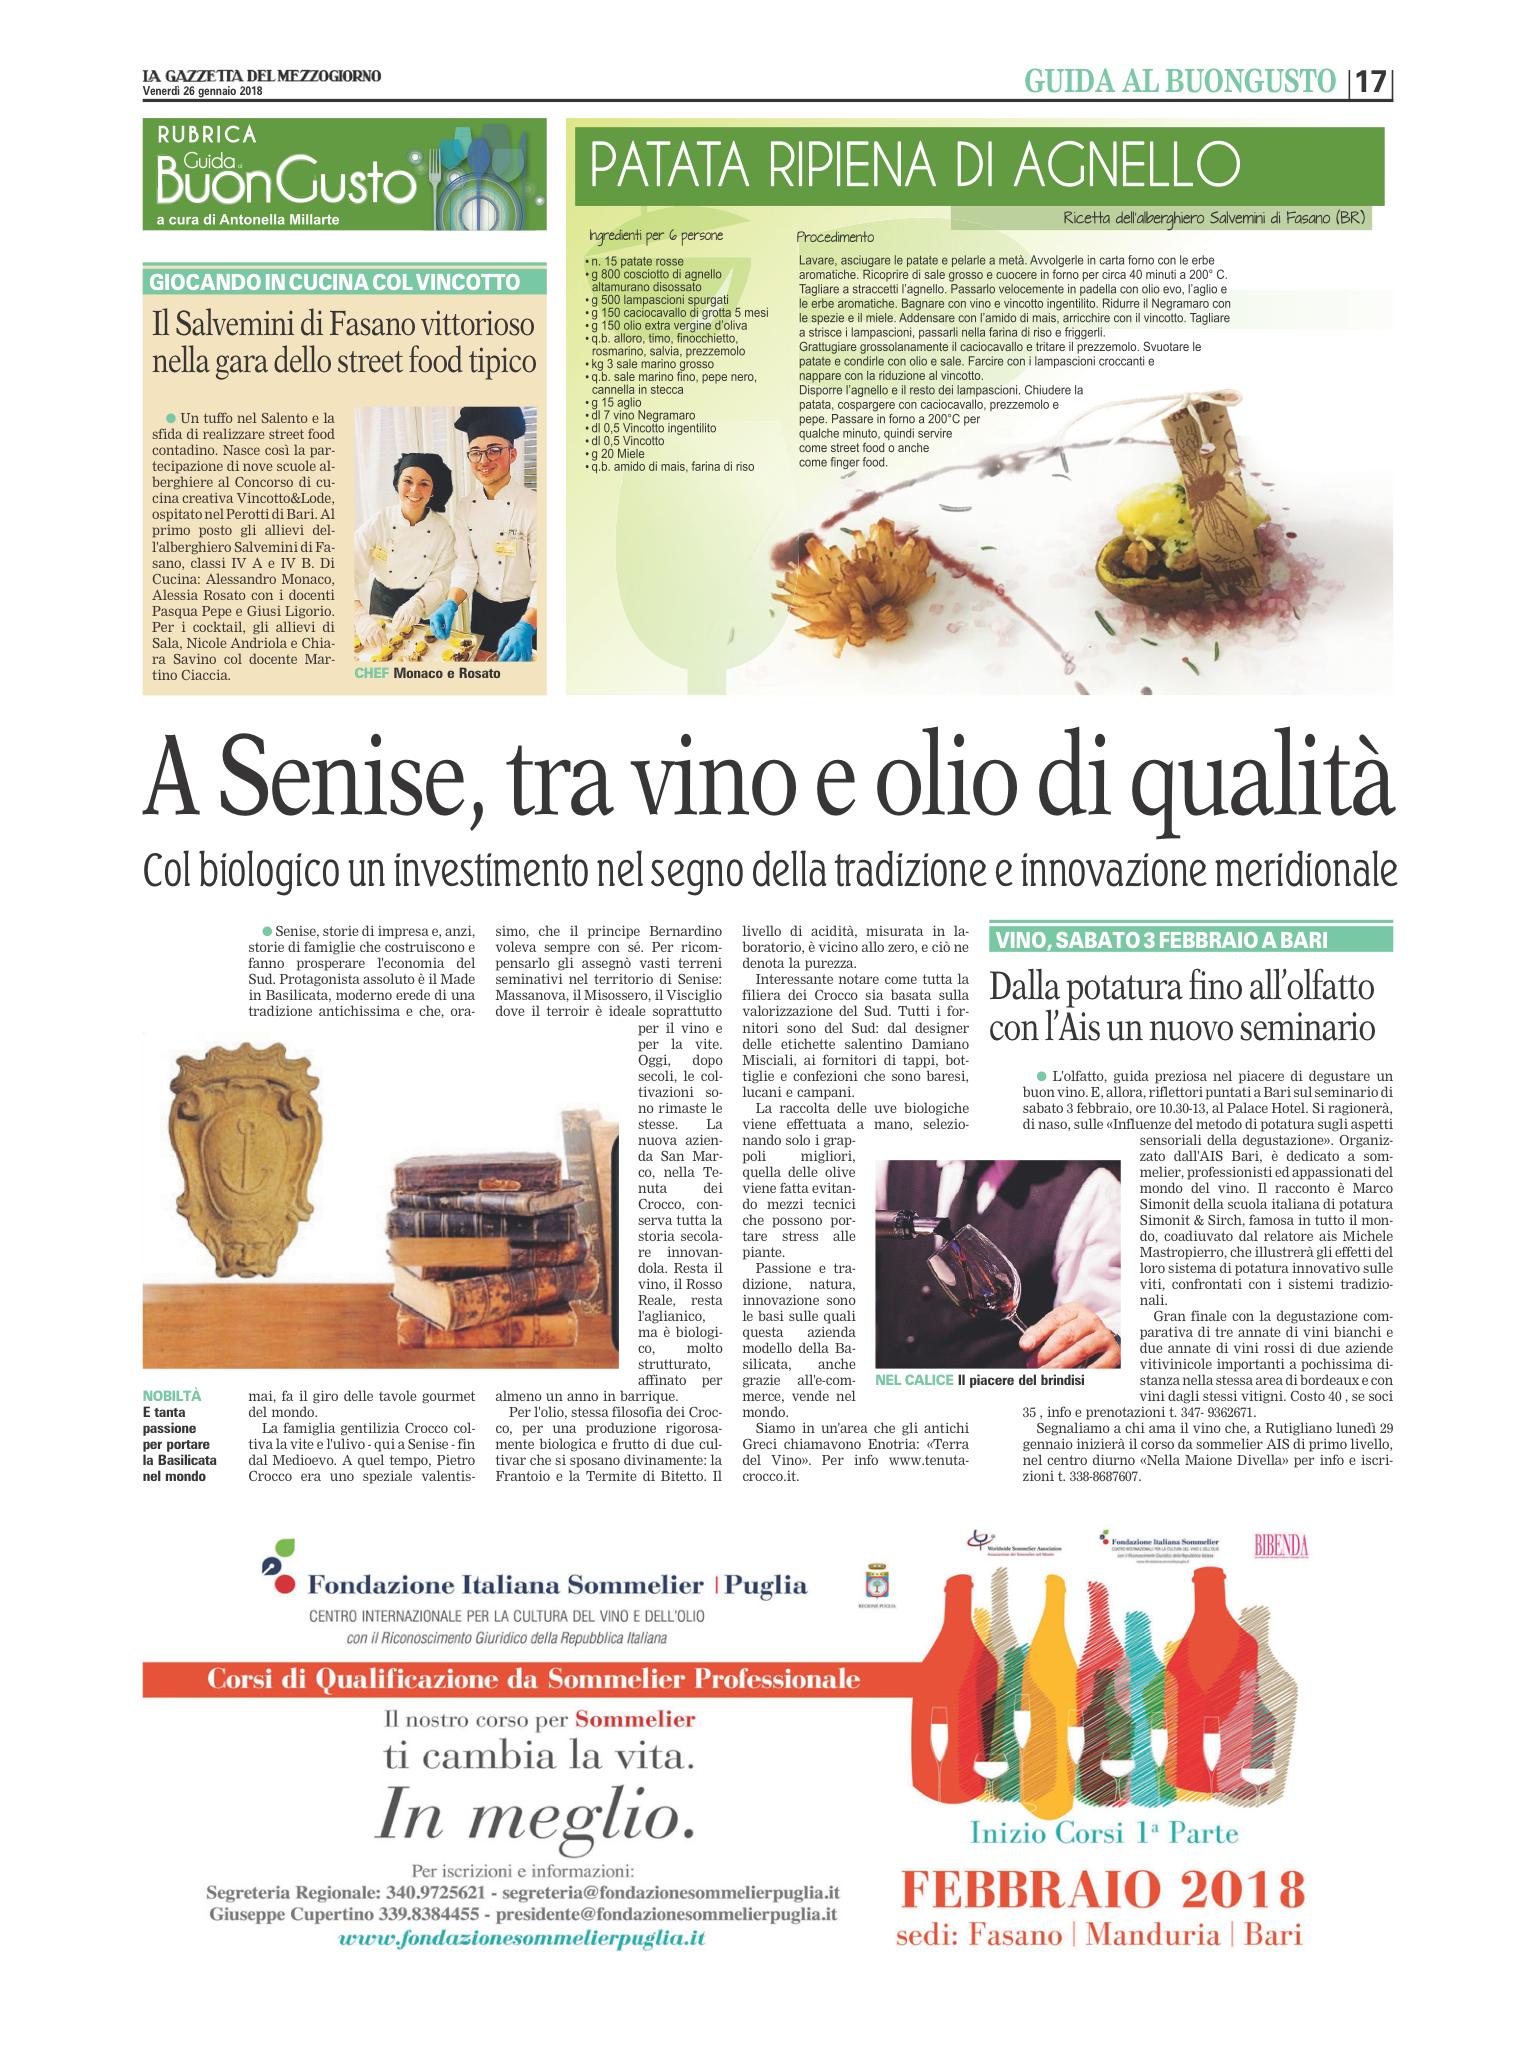 articolo Gazzetta del Mezzogiorno su Azienda San Marco